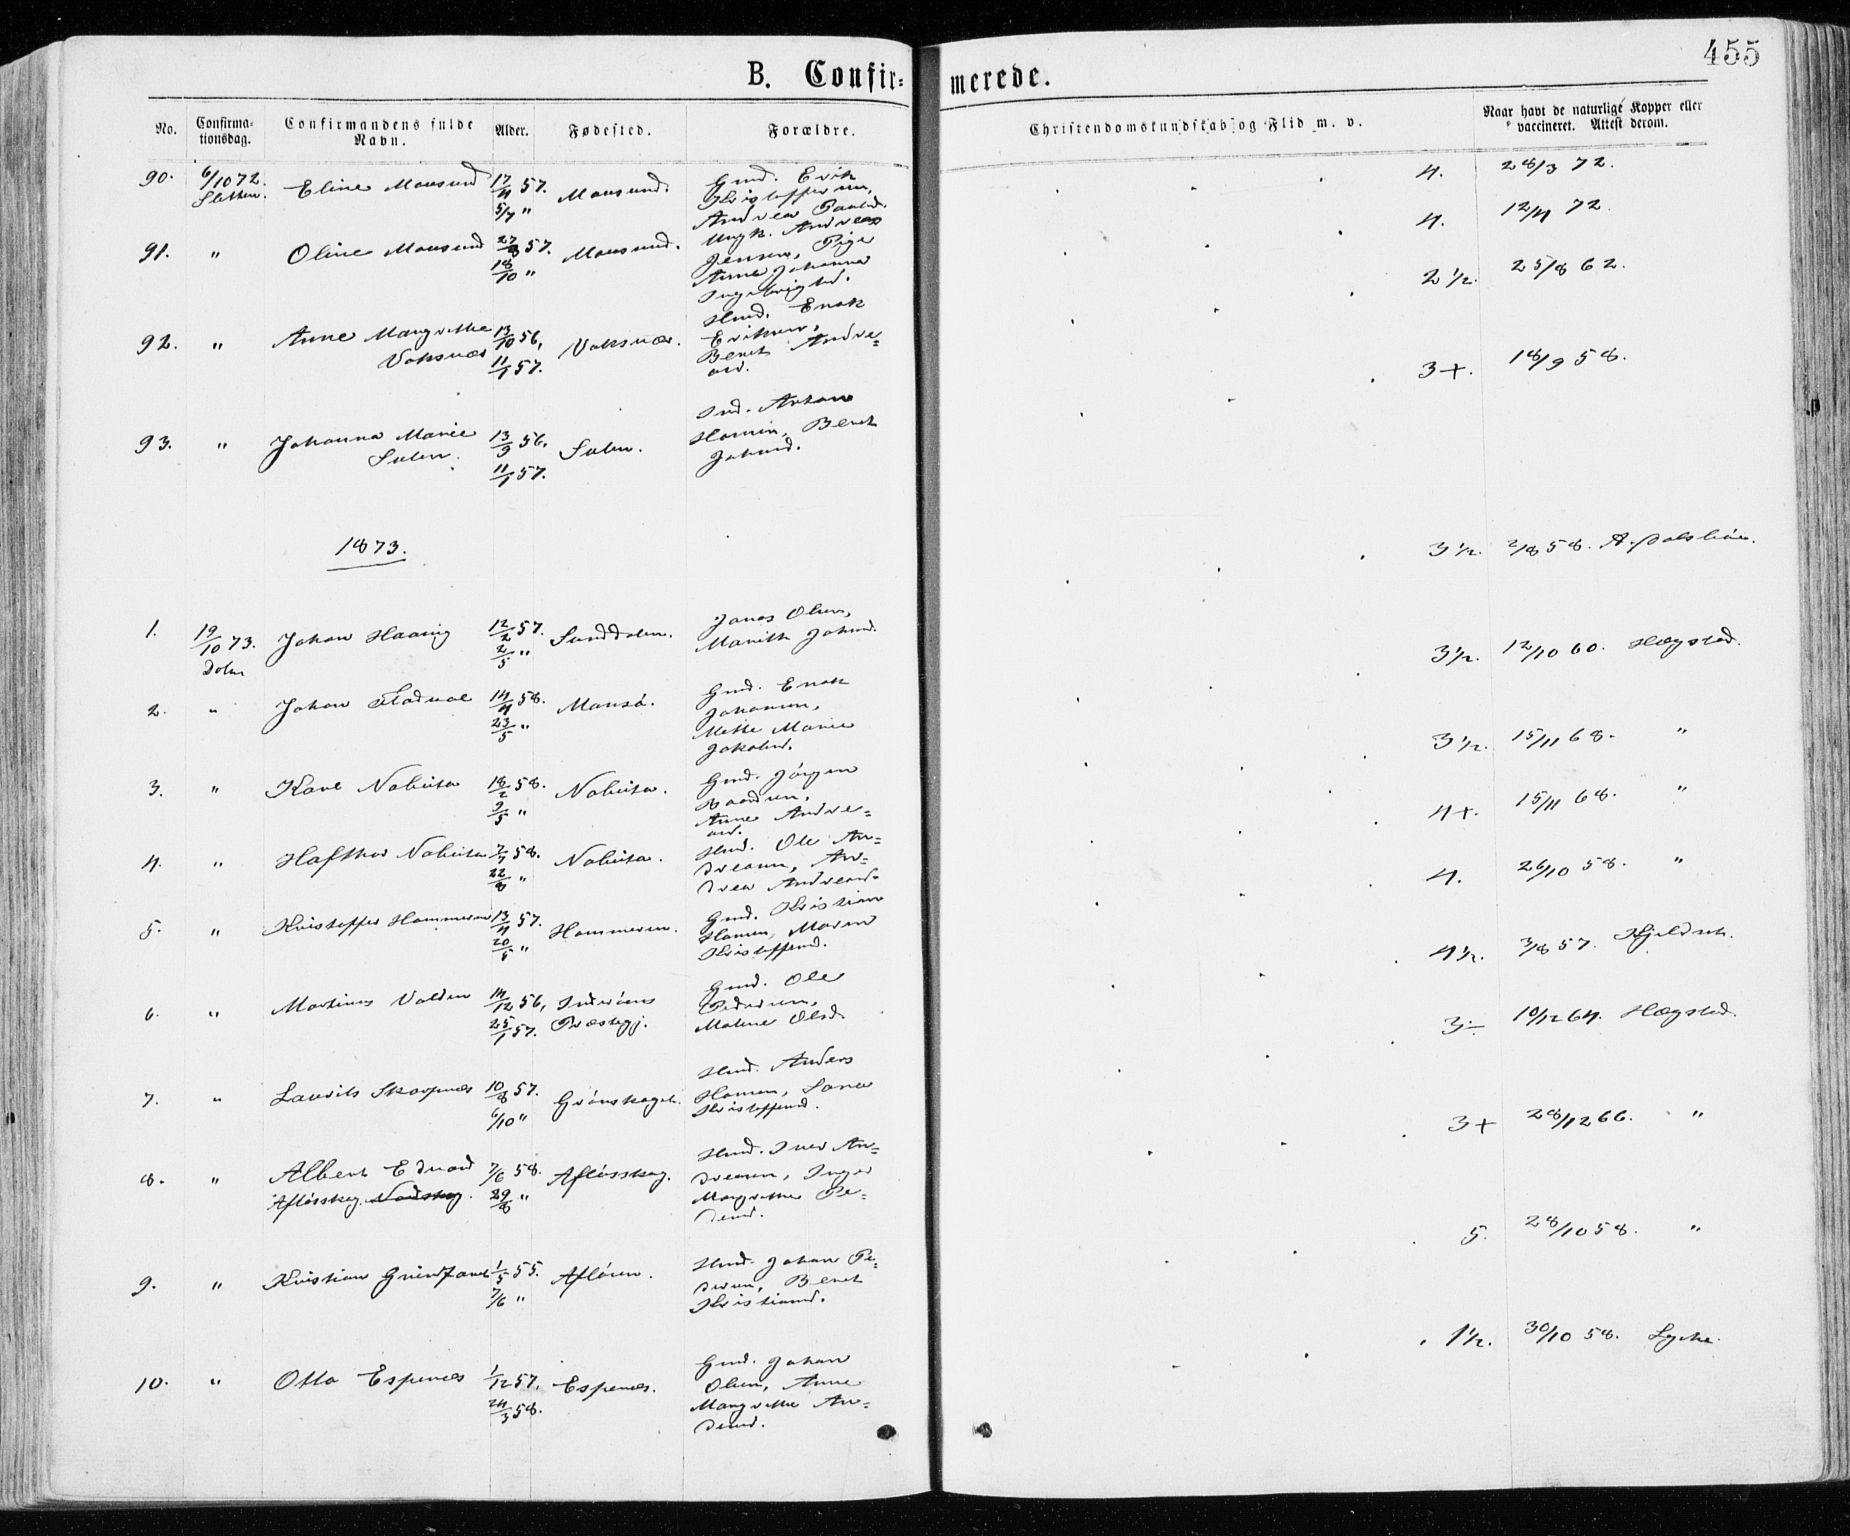 SAT, Ministerialprotokoller, klokkerbøker og fødselsregistre - Sør-Trøndelag, 640/L0576: Ministerialbok nr. 640A01, 1846-1876, s. 455